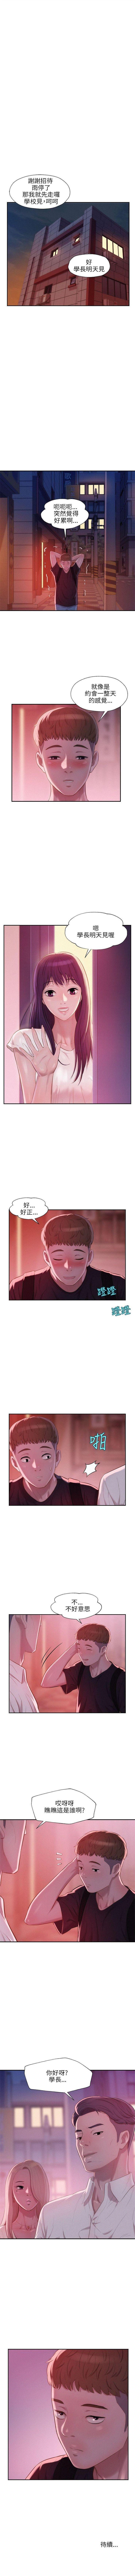 新生淫乱日记 1-61完结(中文) 120